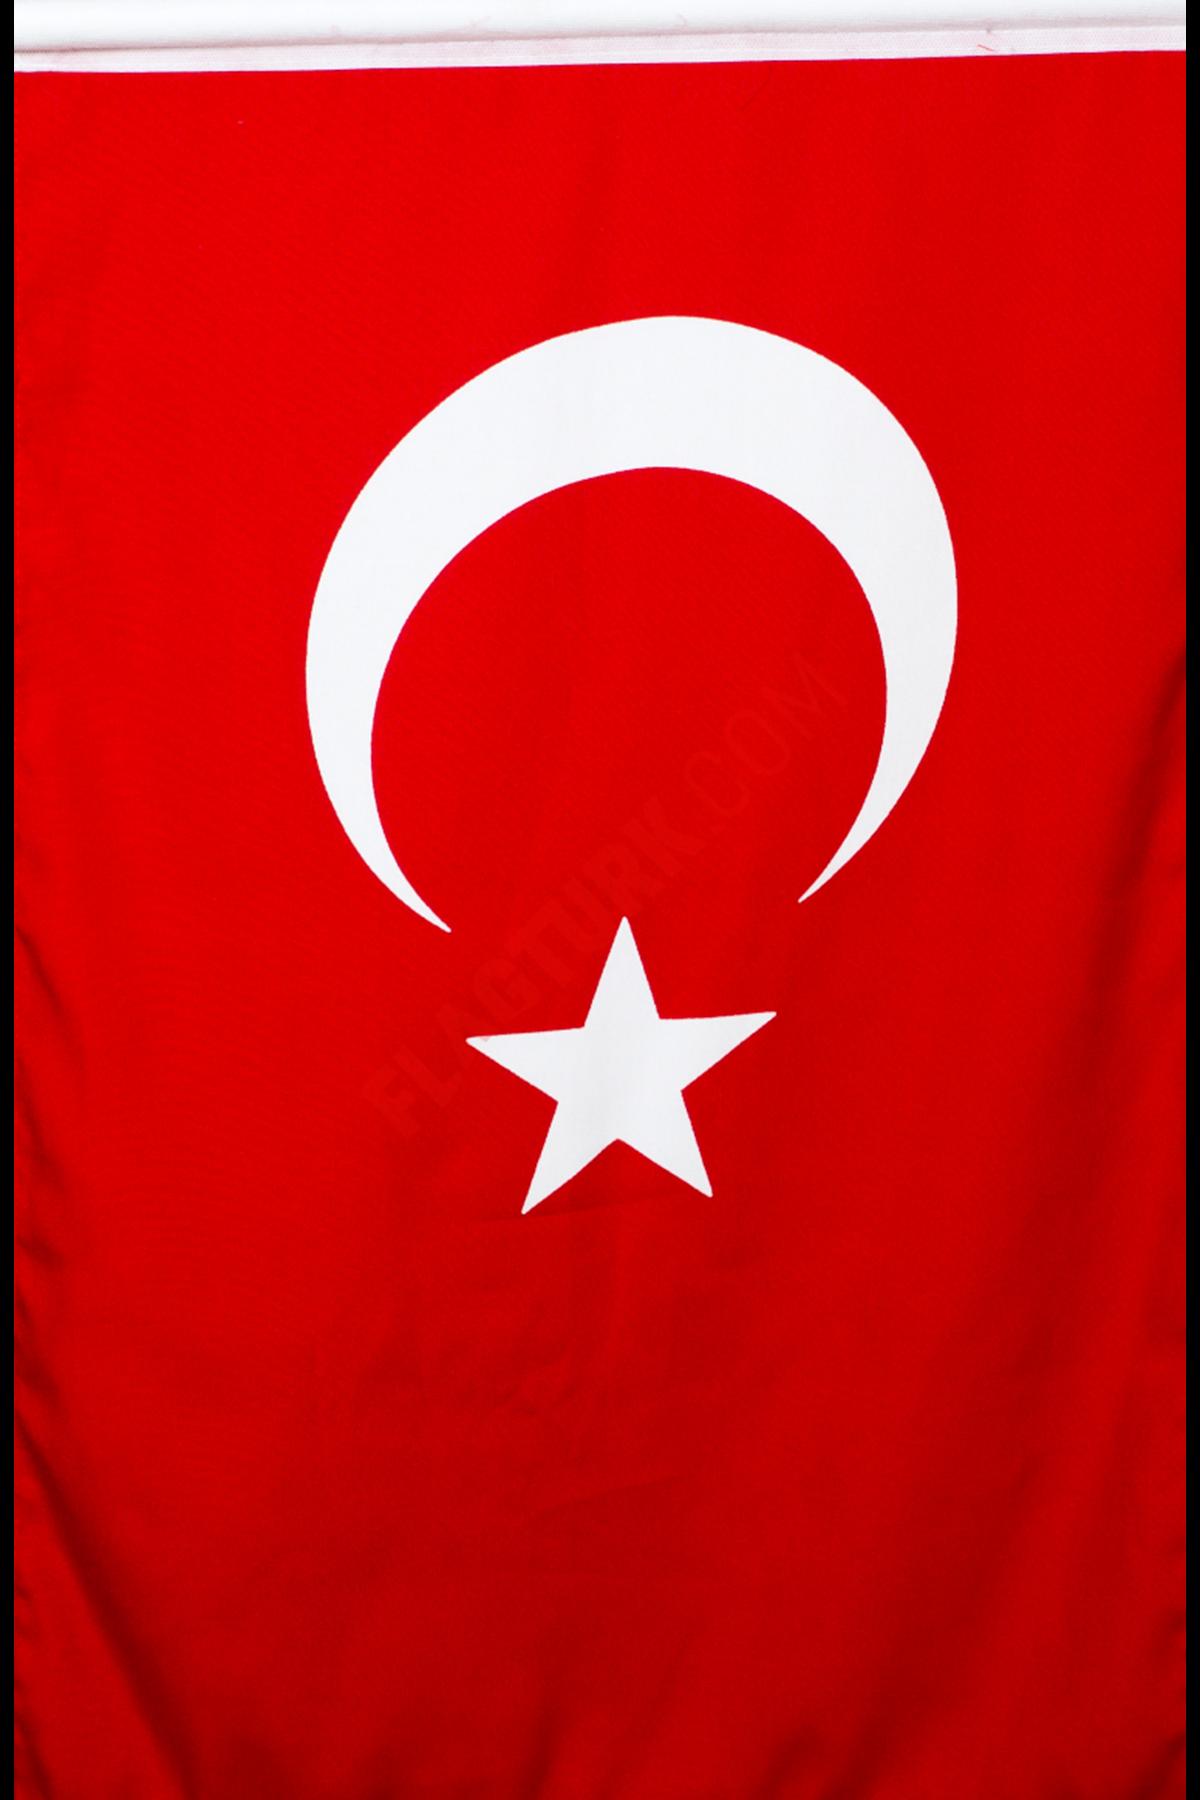 Sopalı Bez Türk Bayrağı 20x30 cm